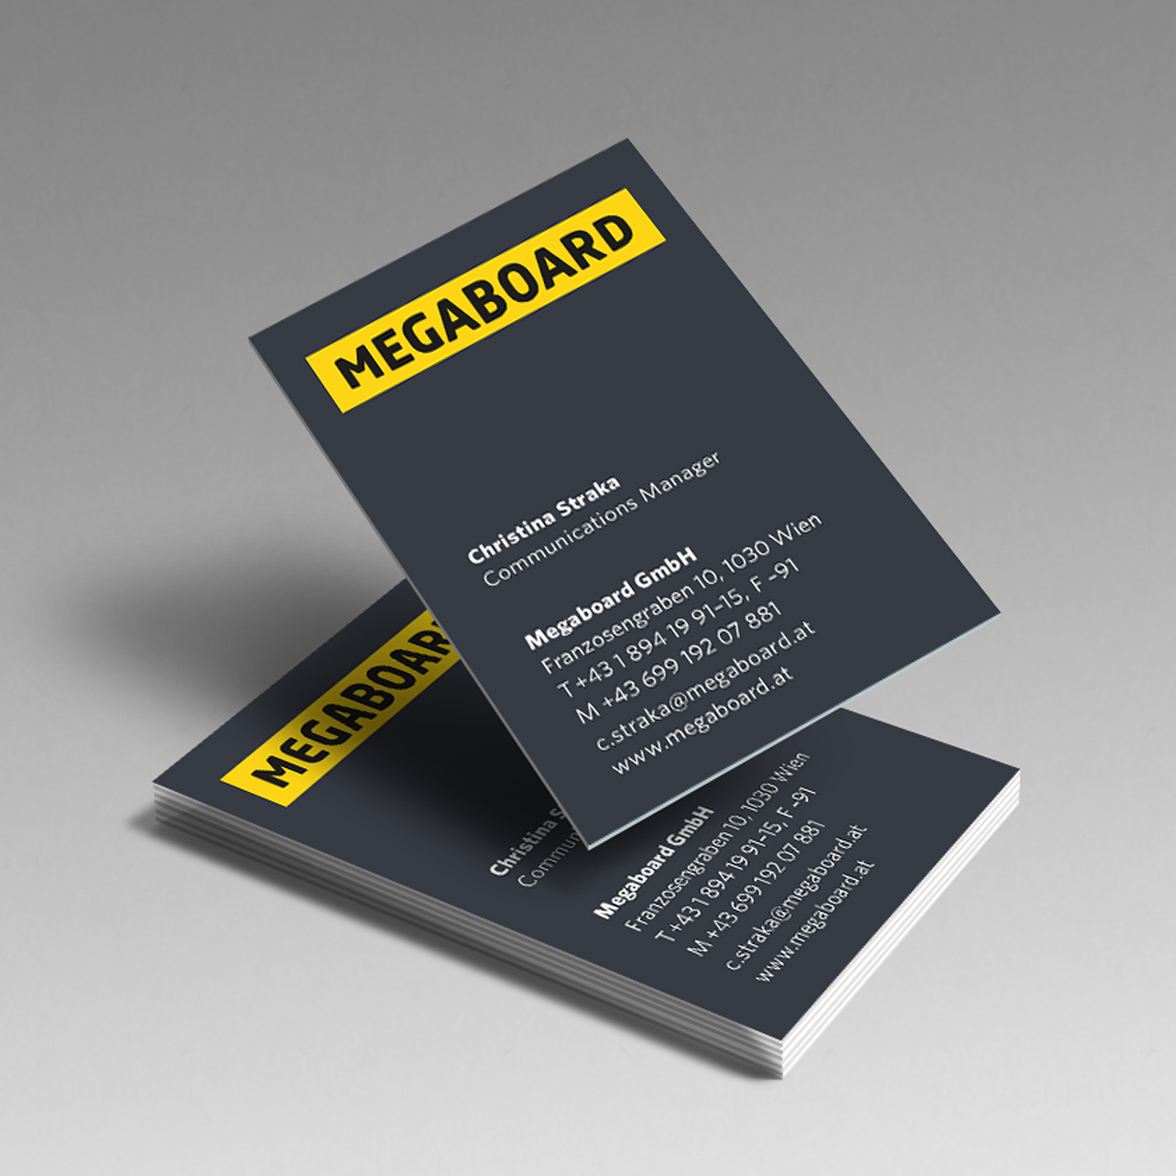 Megaboard1